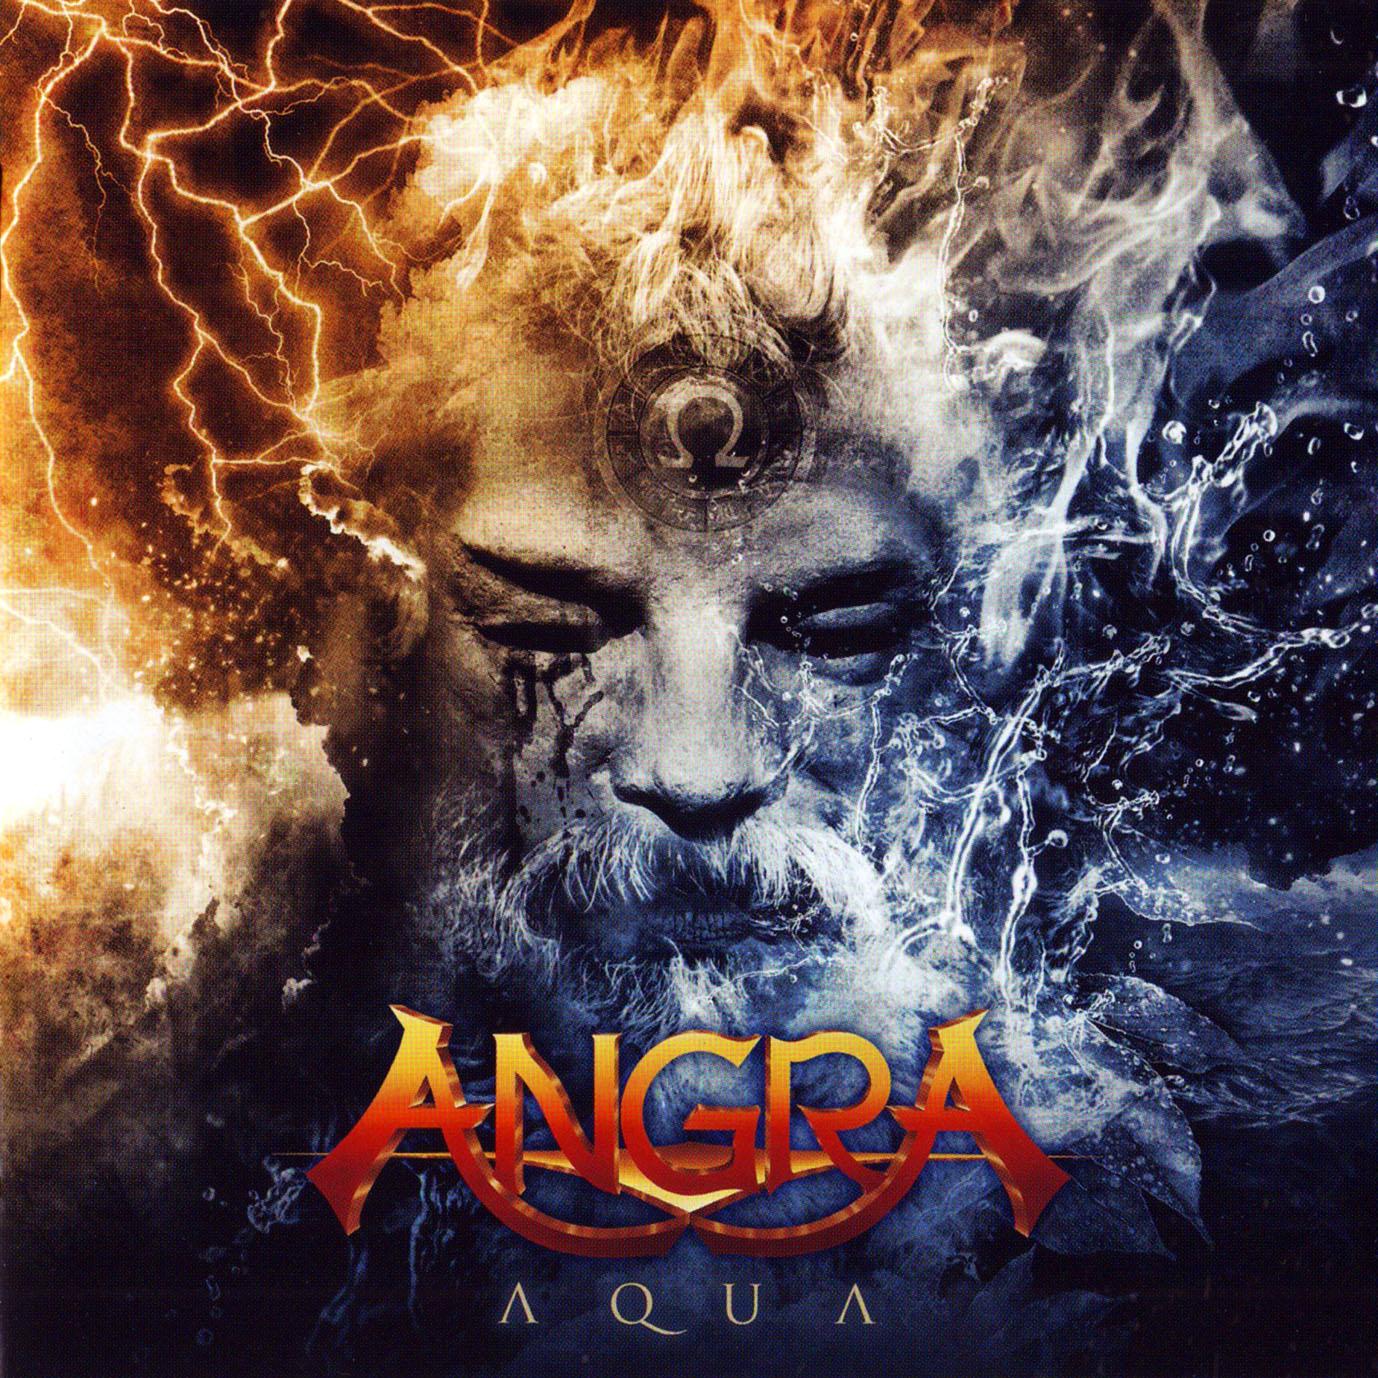 http://2.bp.blogspot.com/_Q937Qw2Pies/TUn_QrlxeeI/AAAAAAAAAf0/5hpISL6h2Do/s1600/Angra+-+Aqua%252C+front.jpg